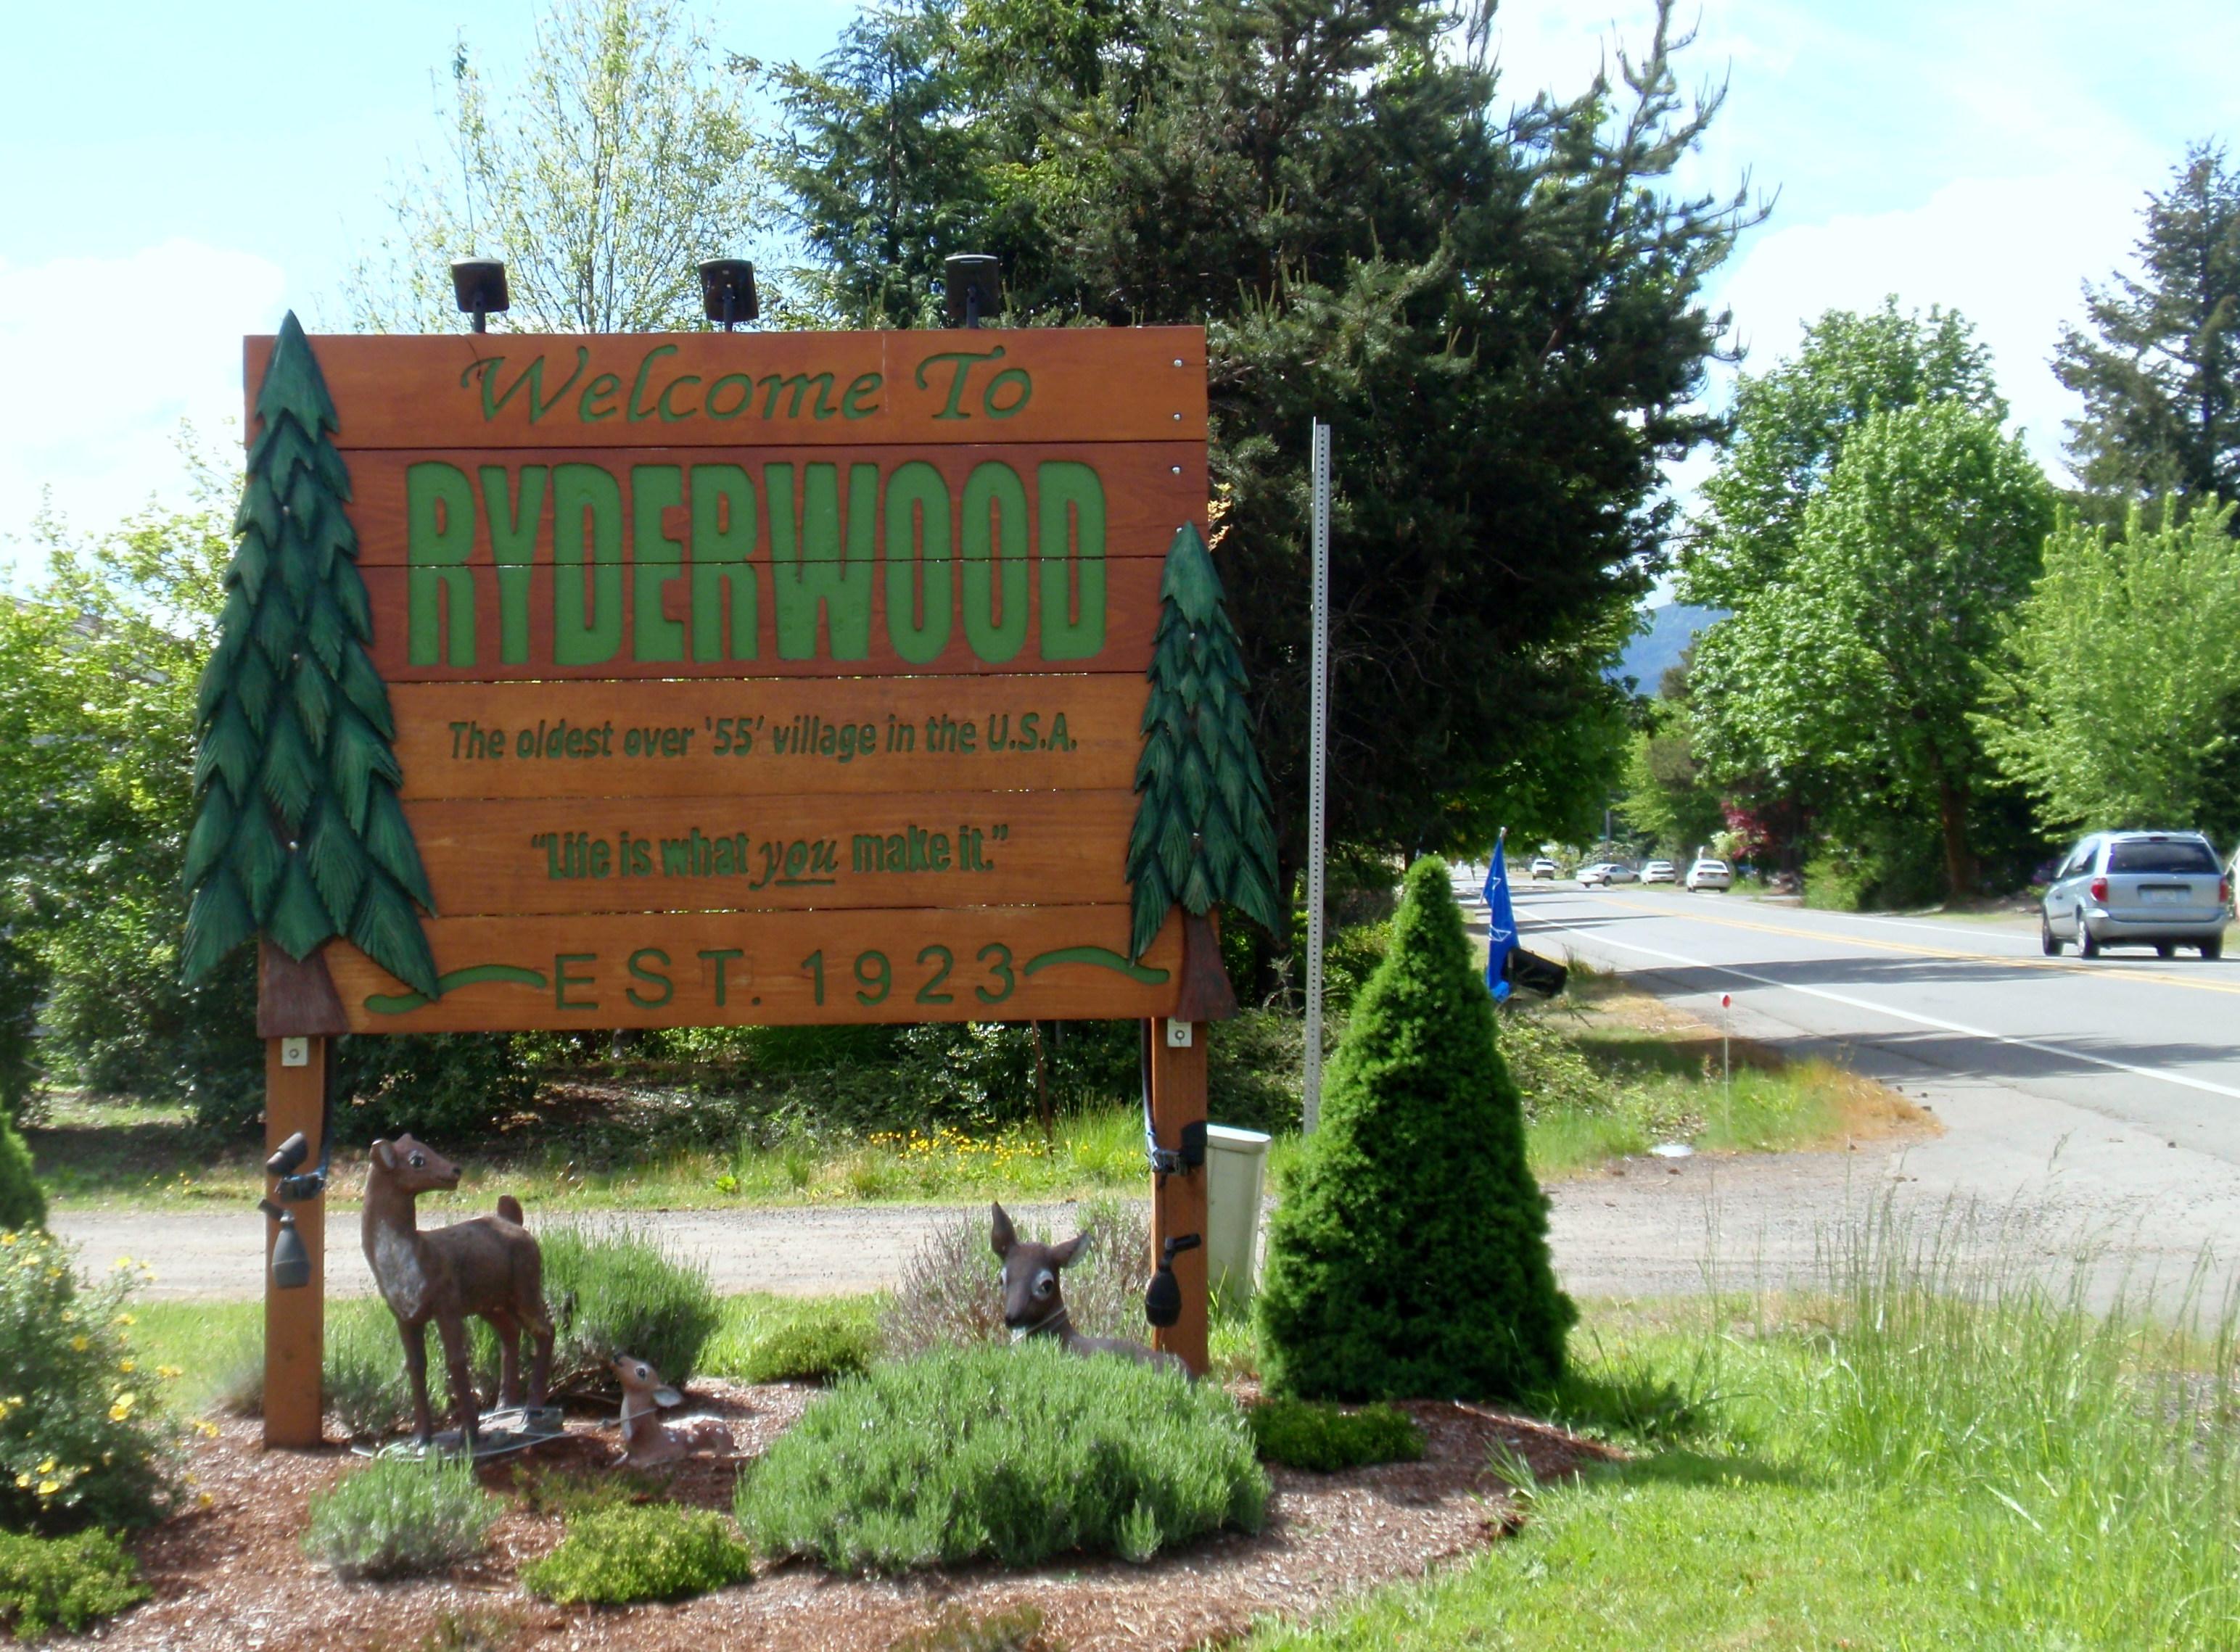 Ryderwood